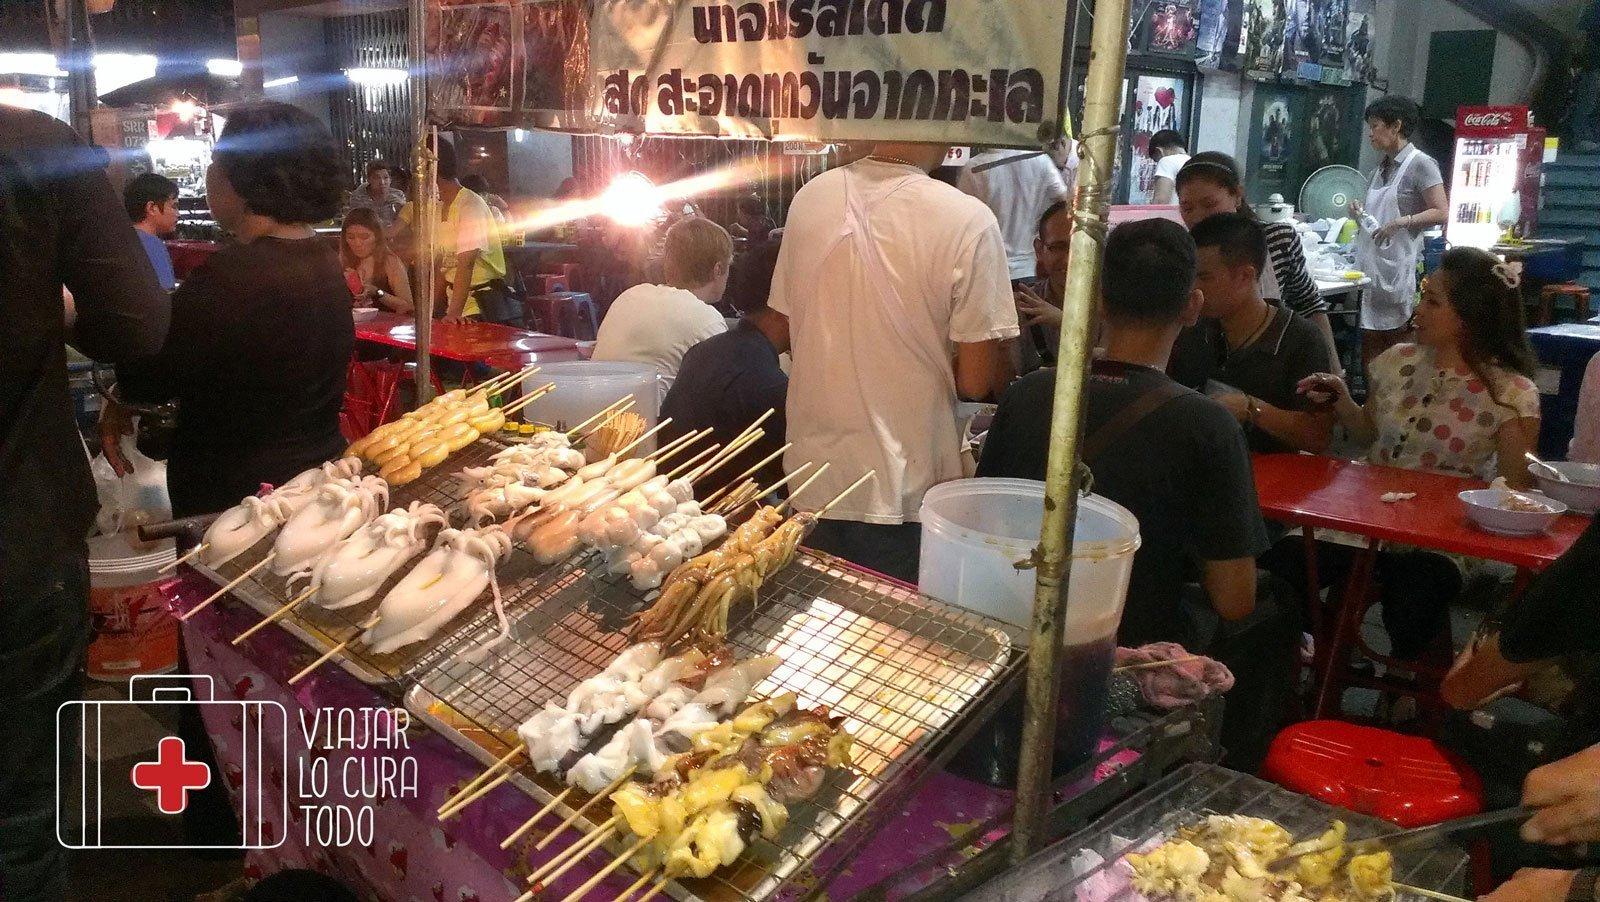 Comida sin identificar en Bangkok